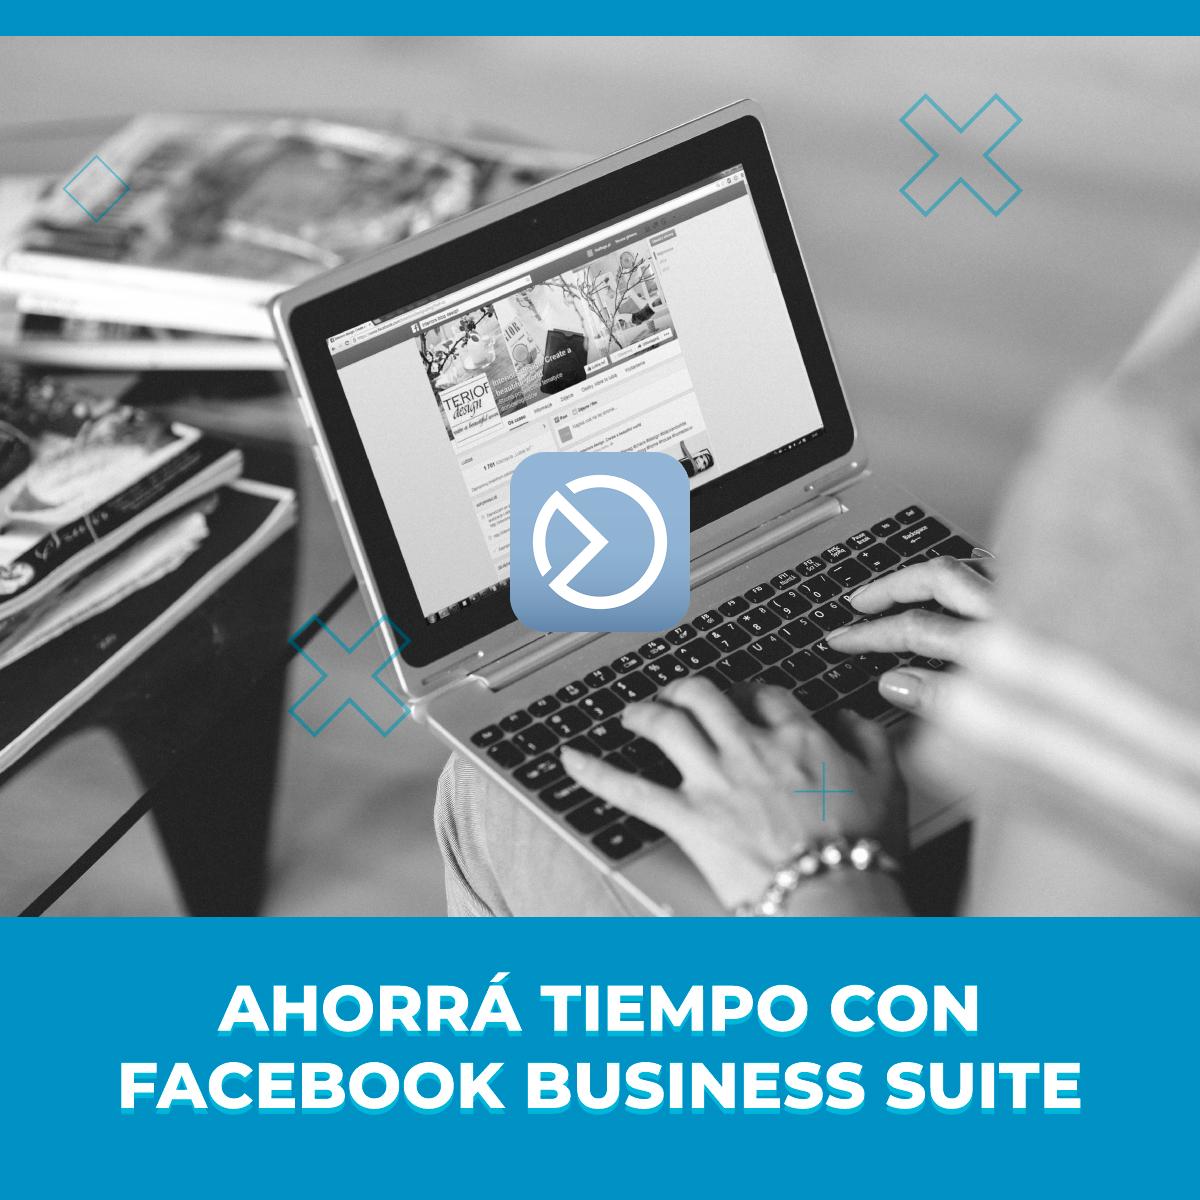 Qué es Facebook Business Suite y cómo se usa